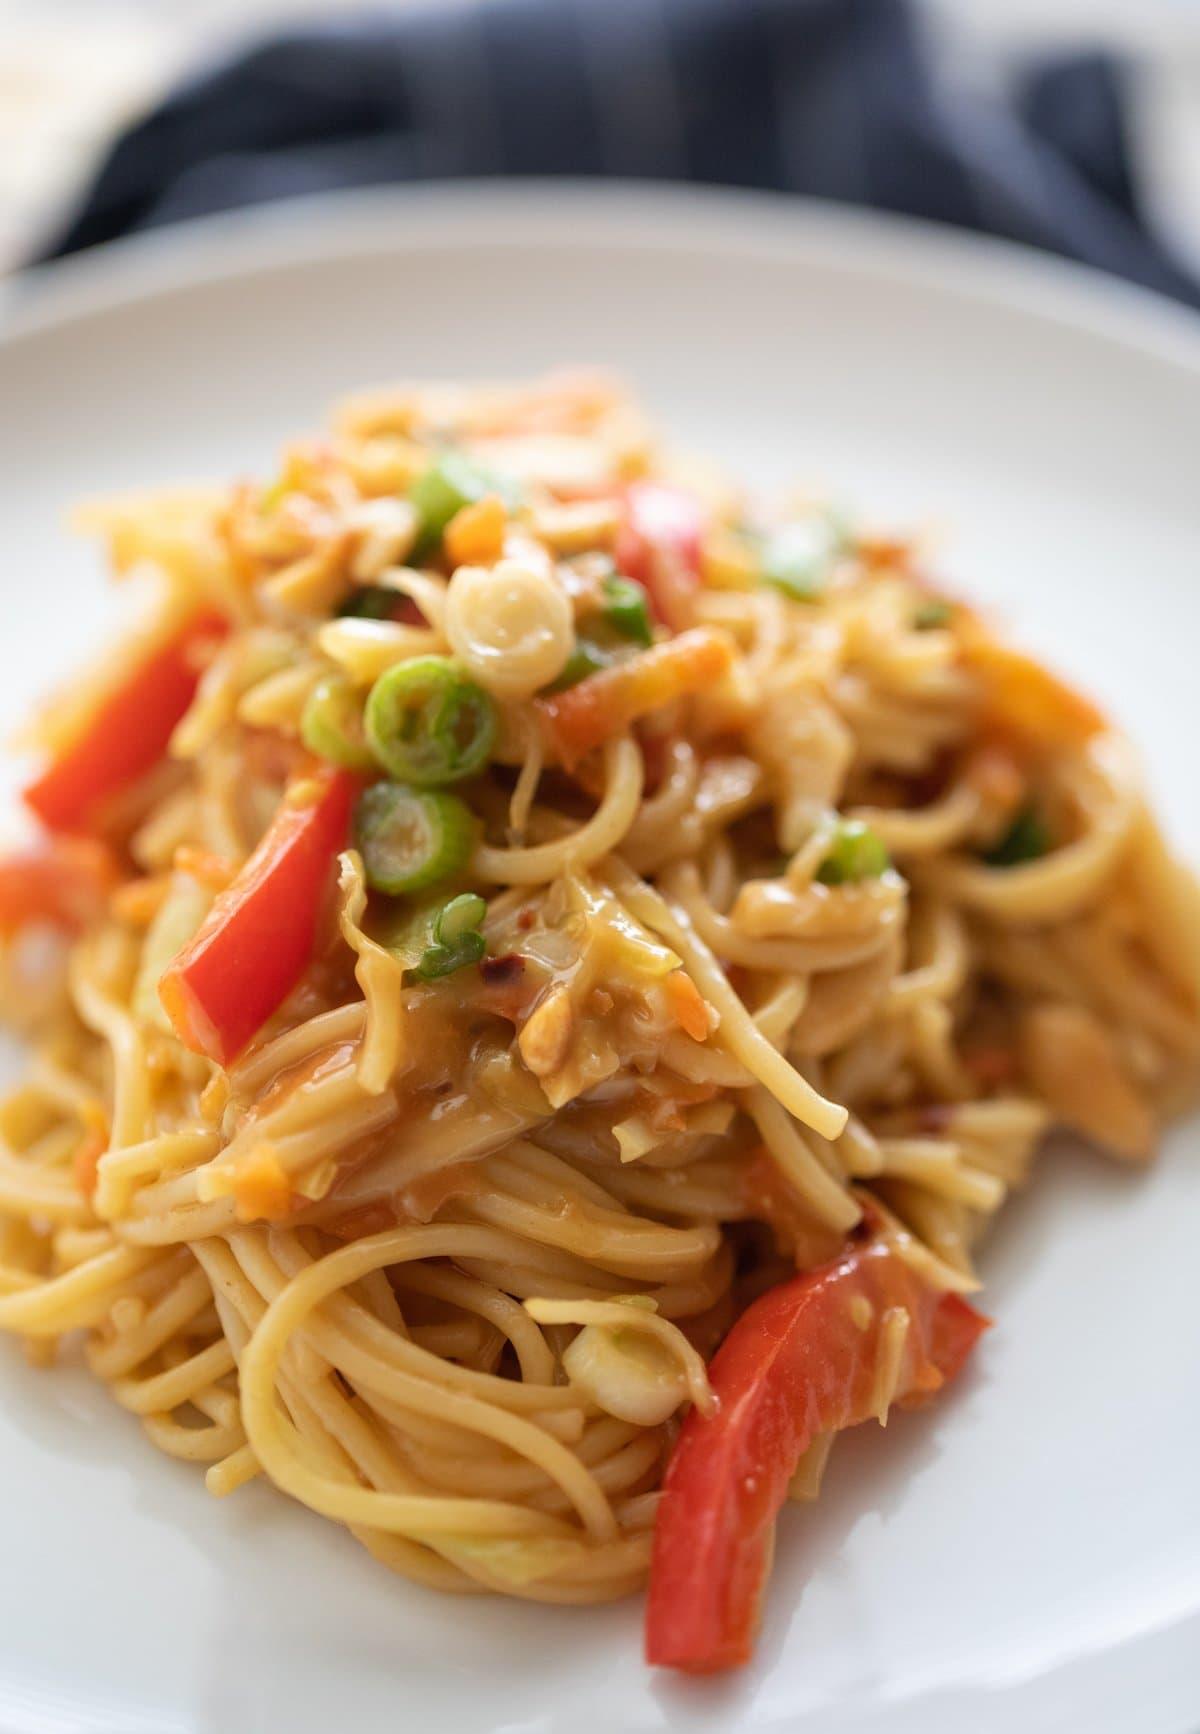 peanut noodles on plate